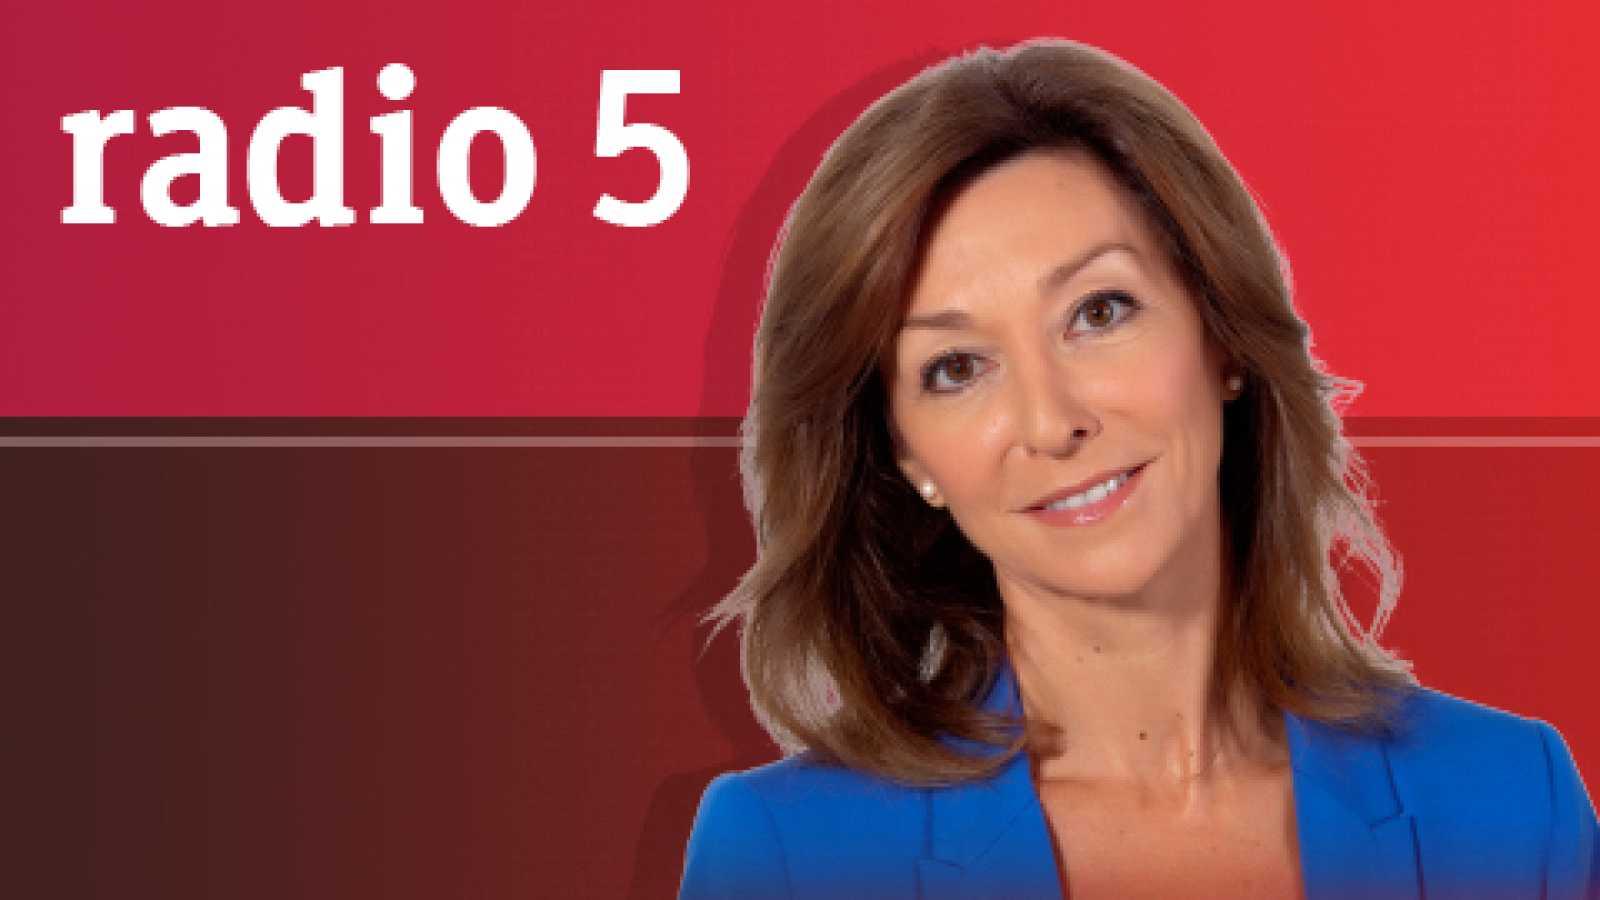 De película en Radio 5 - 'Un efecto óptico' y 'Libertad', las protagonistas del fin de semana - 26/03/21  - Escuchar ahora